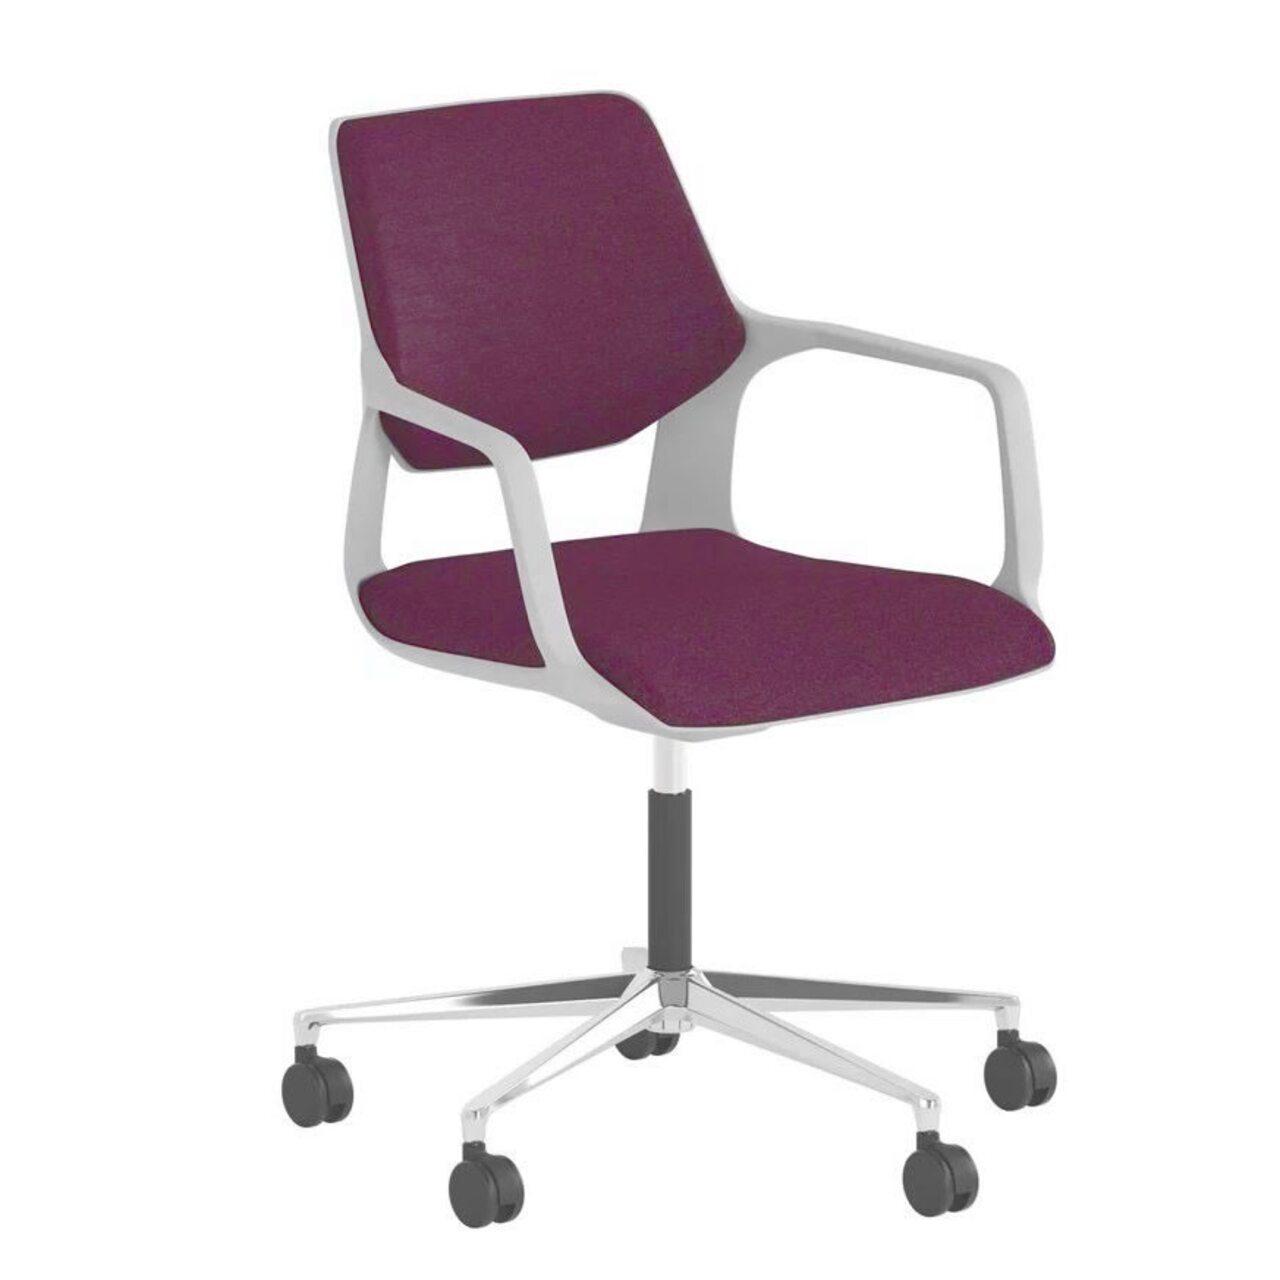 Кресло для персонала Фальконе (низкая спинка) - фото 3